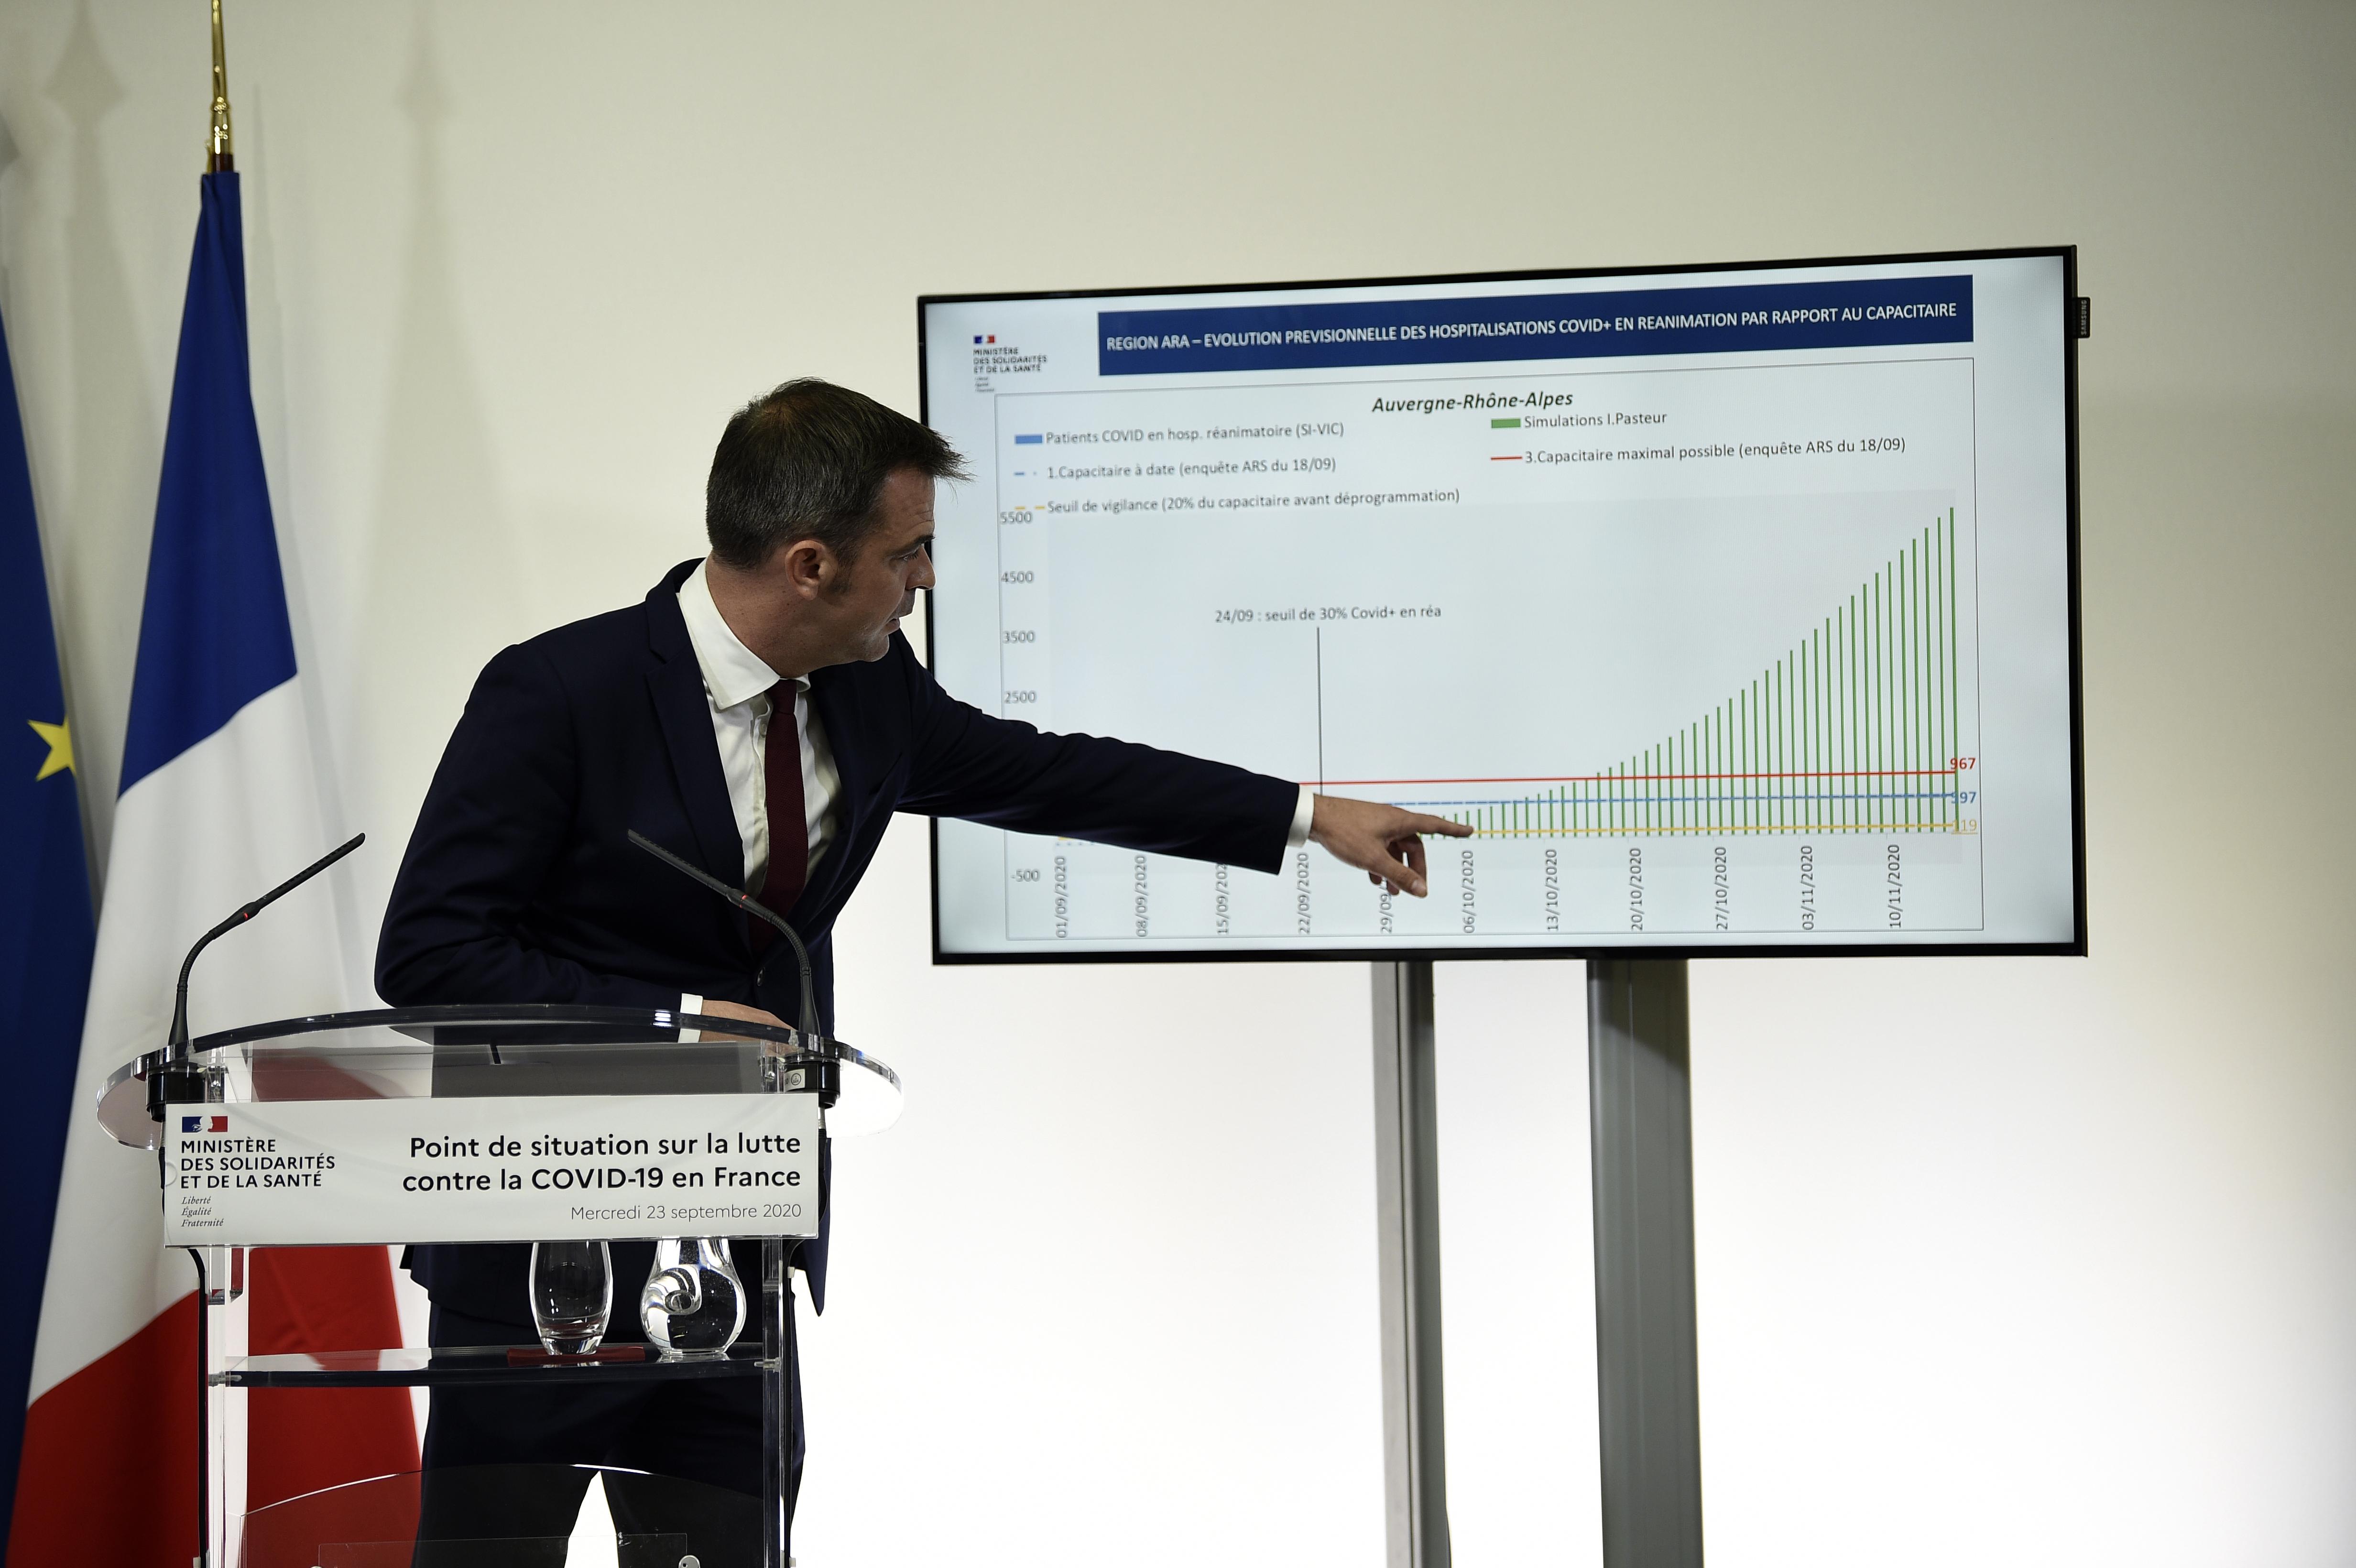 疫情持续恶化 法国宣布更多应对措施